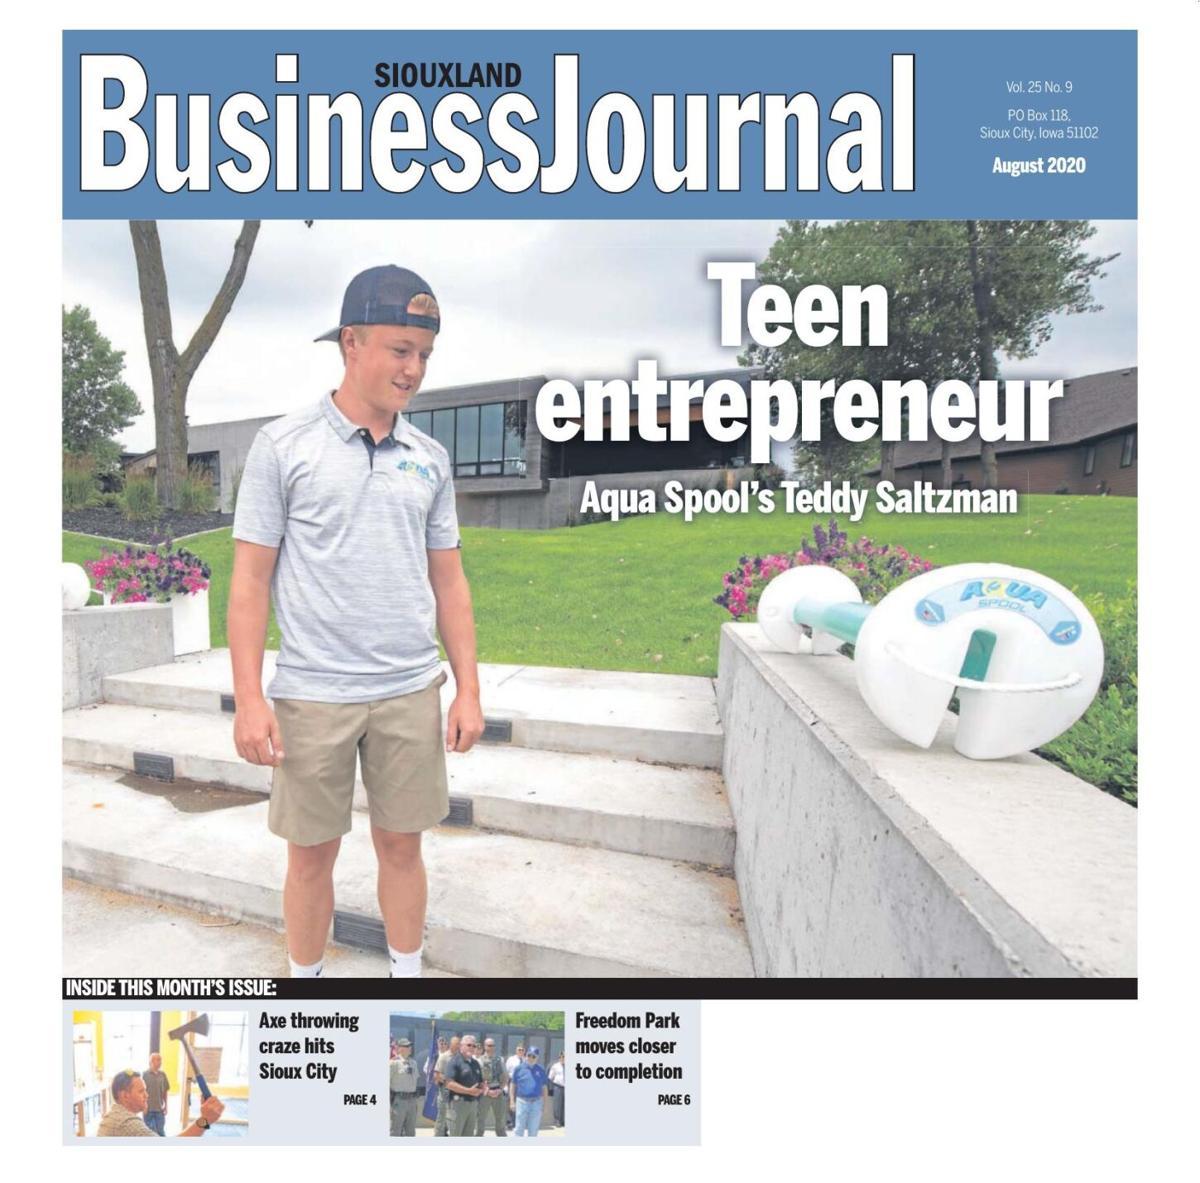 Business Journal - August 2020